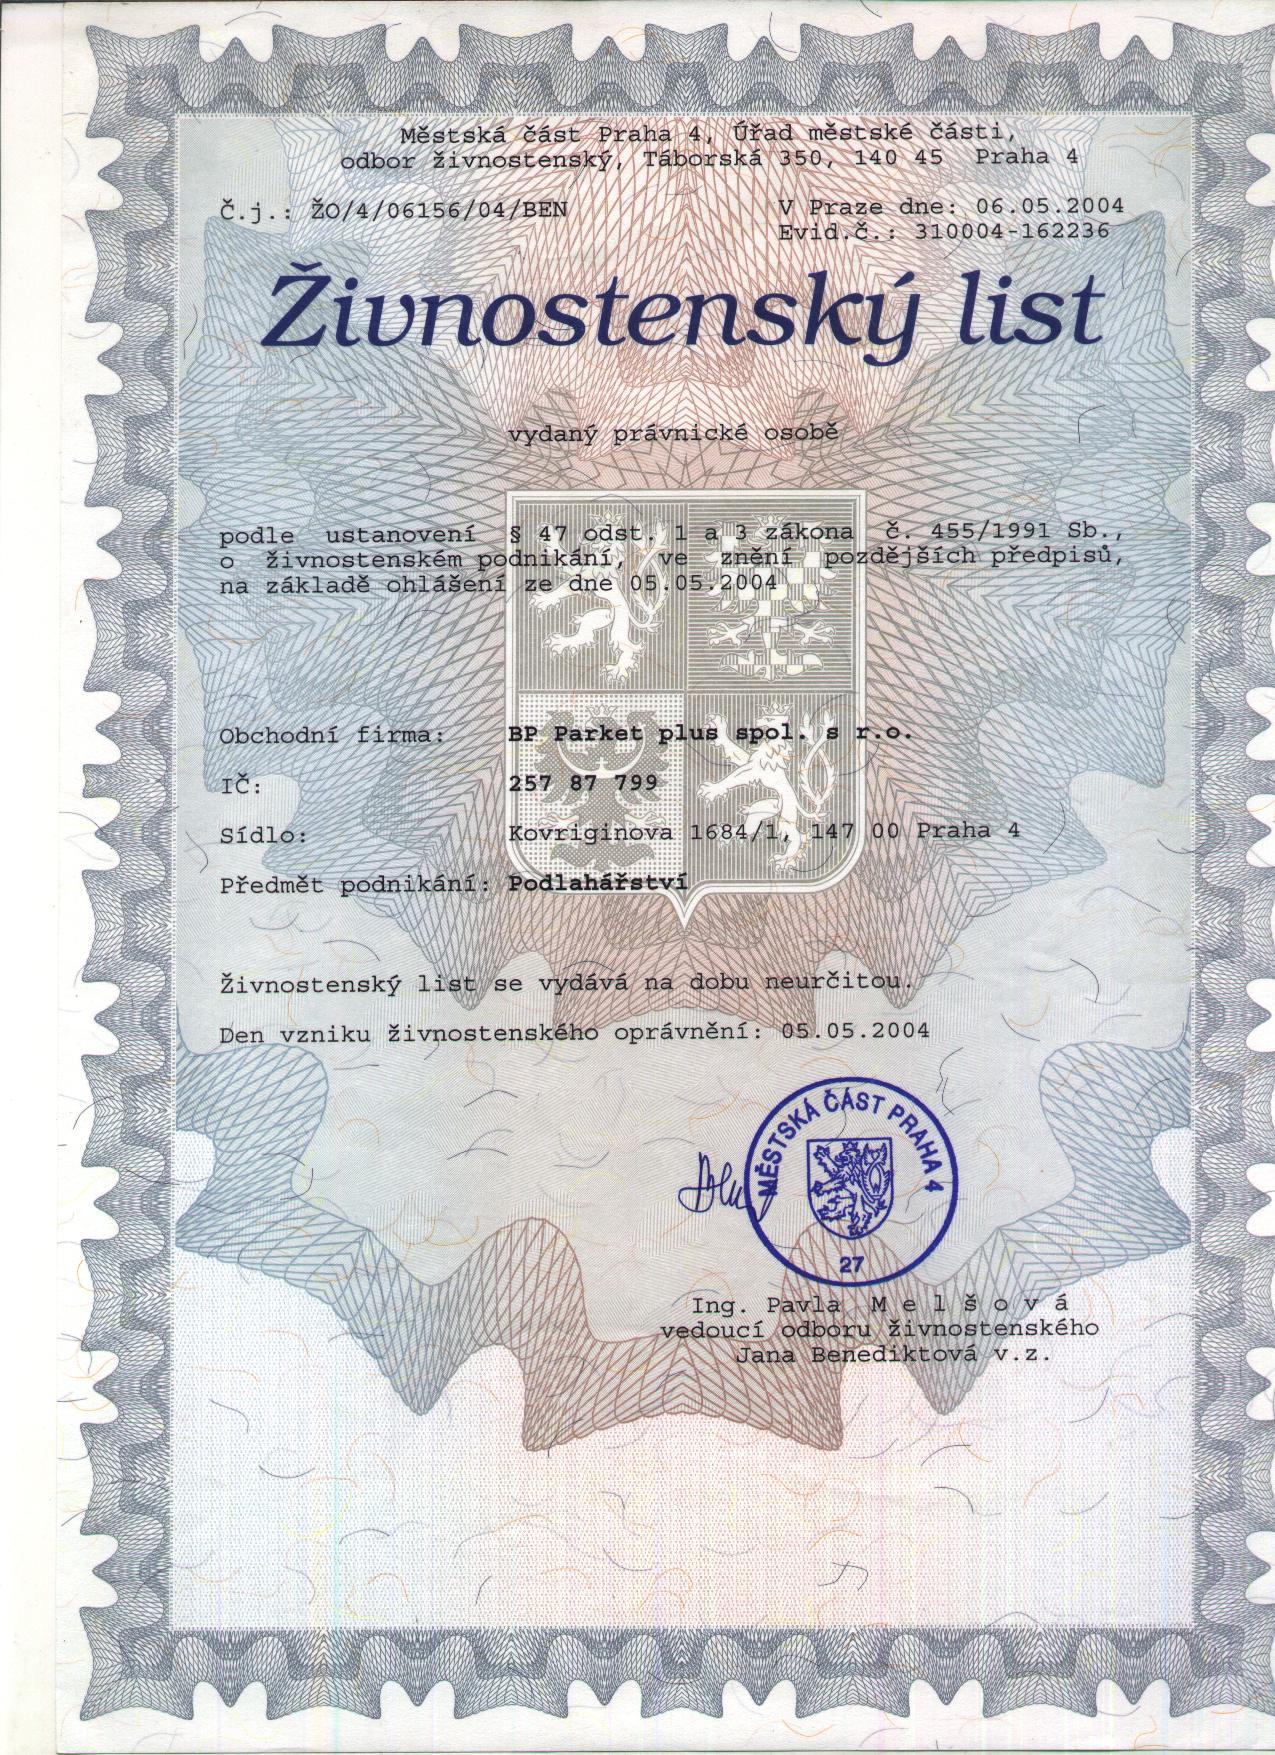 Živnostenské oprávnění BP Parket pro služby podlahářství vydané živnostenským úřadem Praha 4